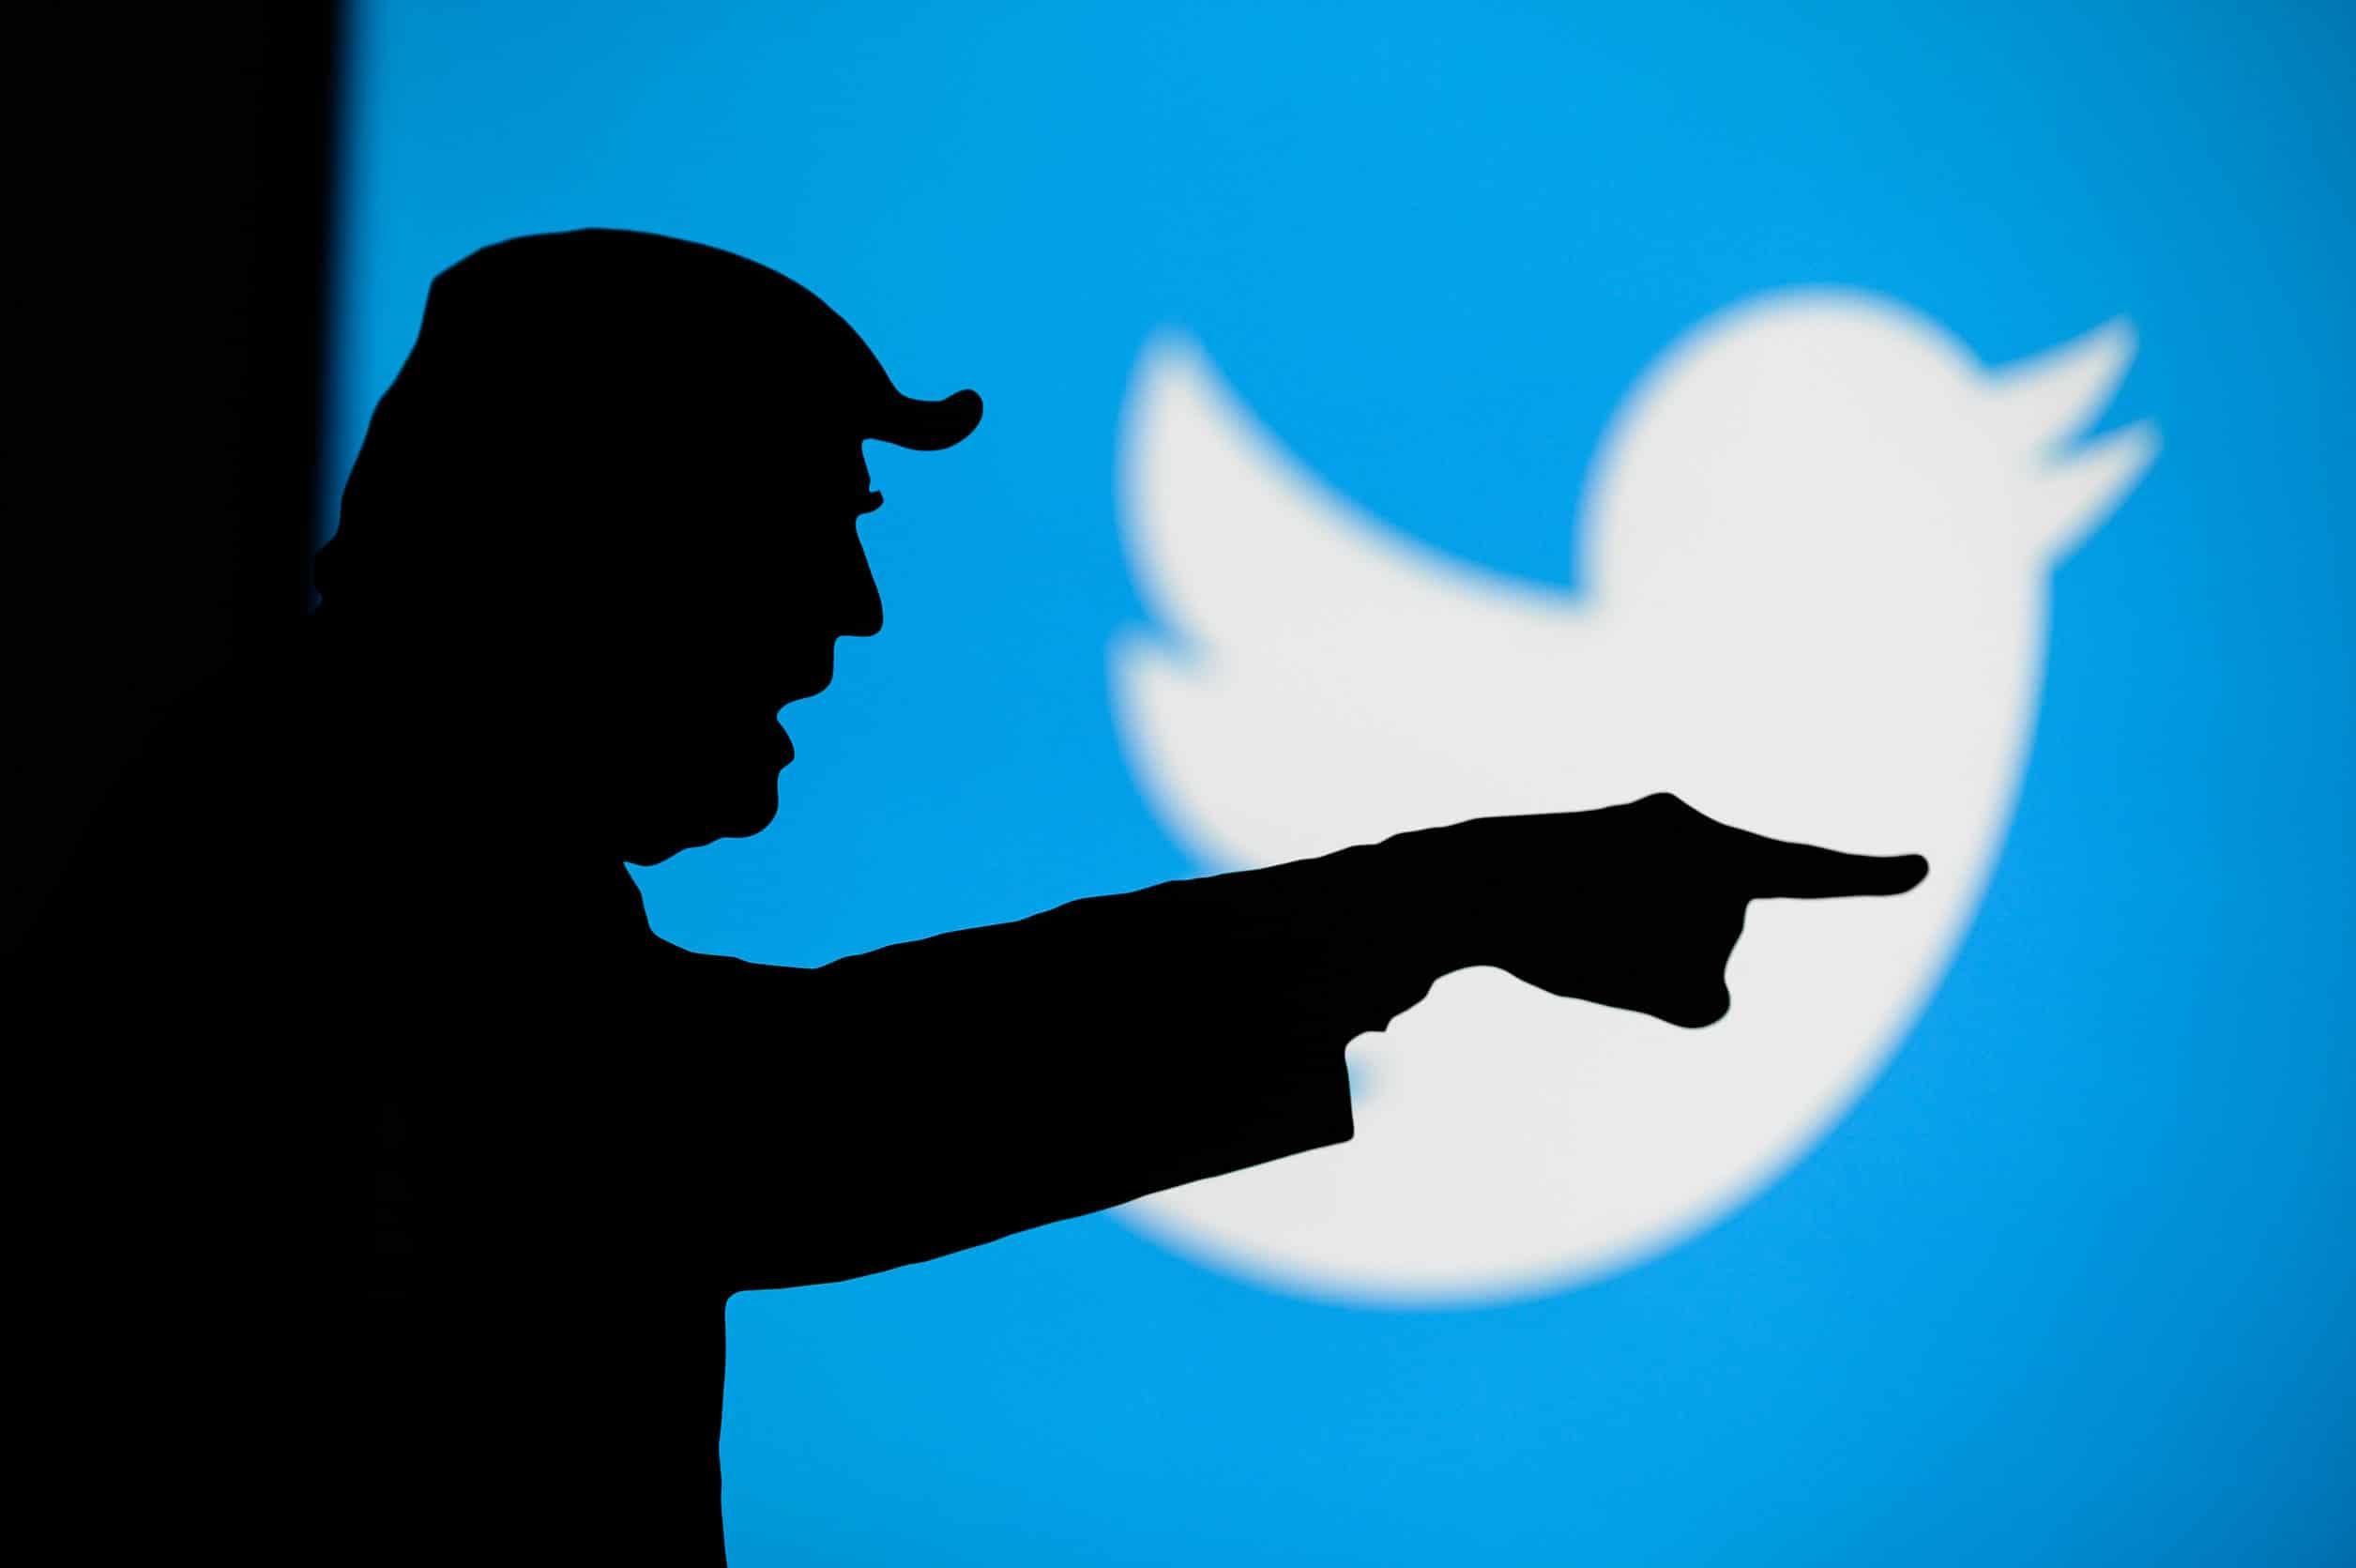 Non, Twitter a eu raison de virer Trump selon ce juge